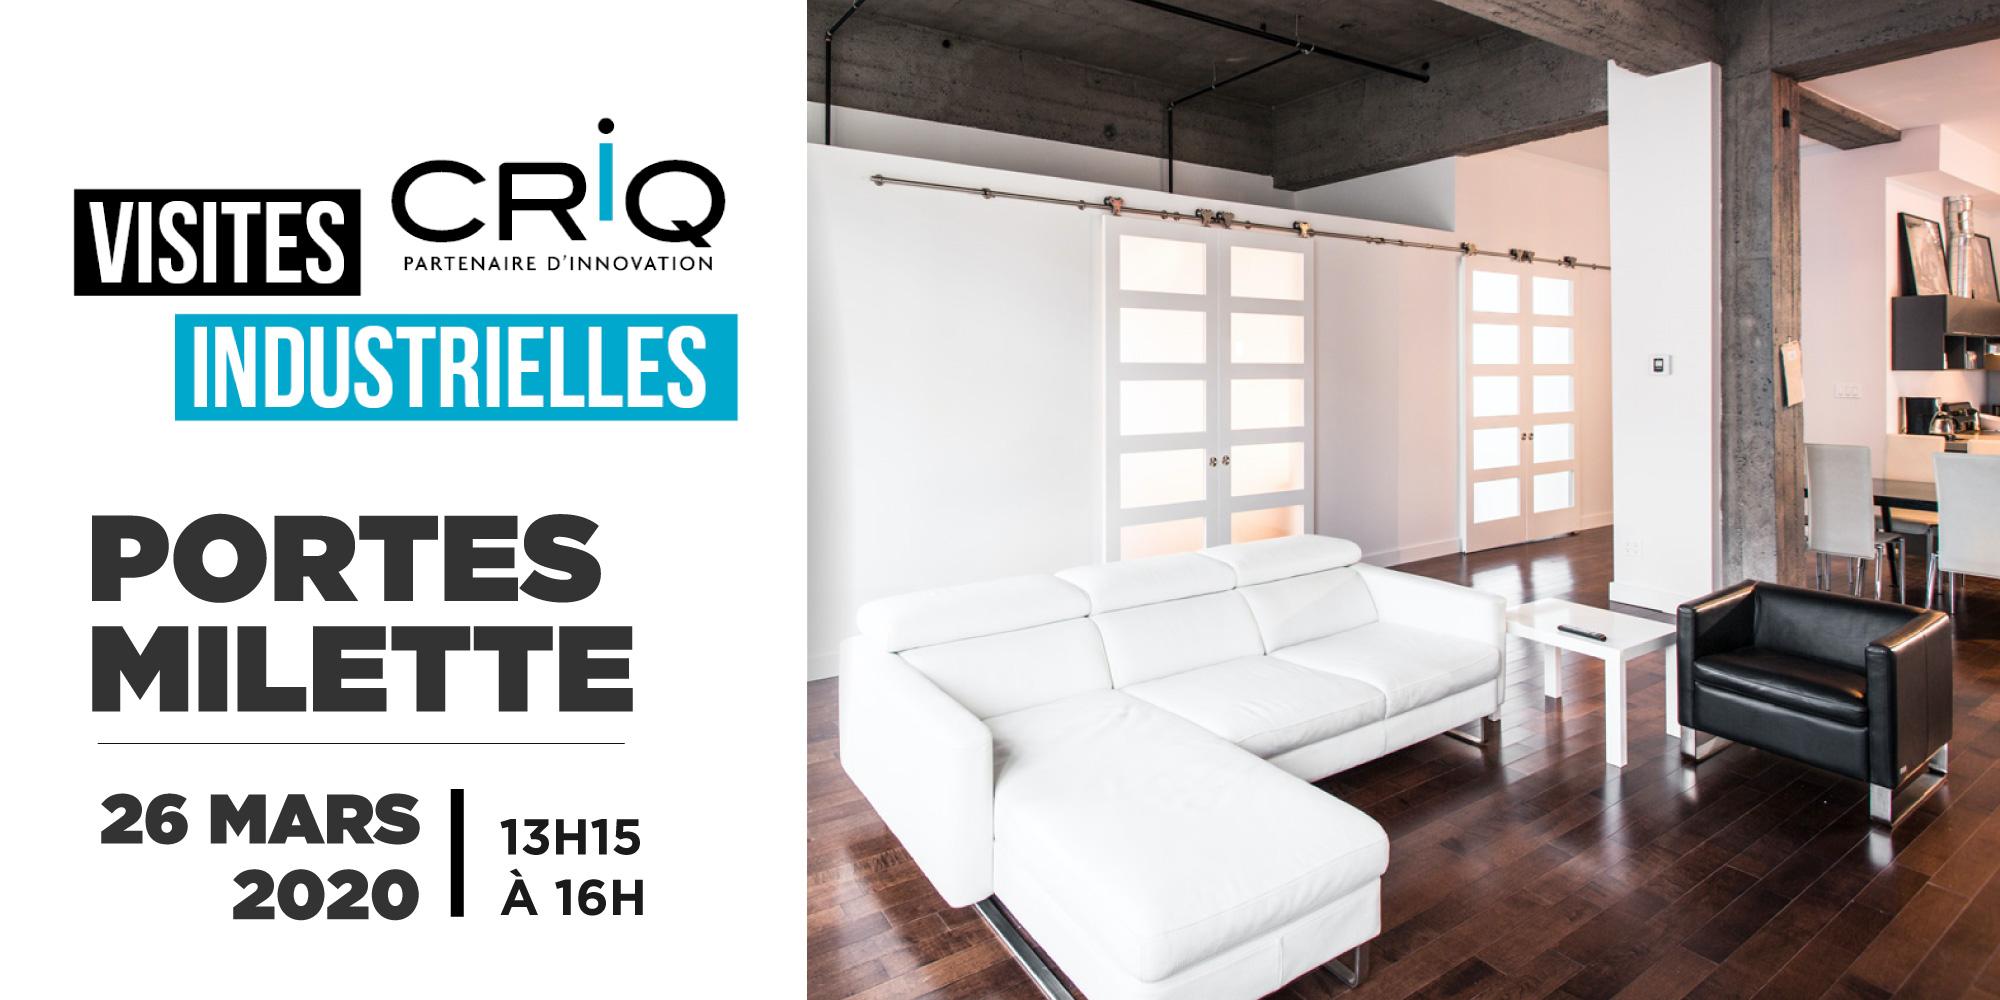 Visite industrielle CRIQ Portes Milette